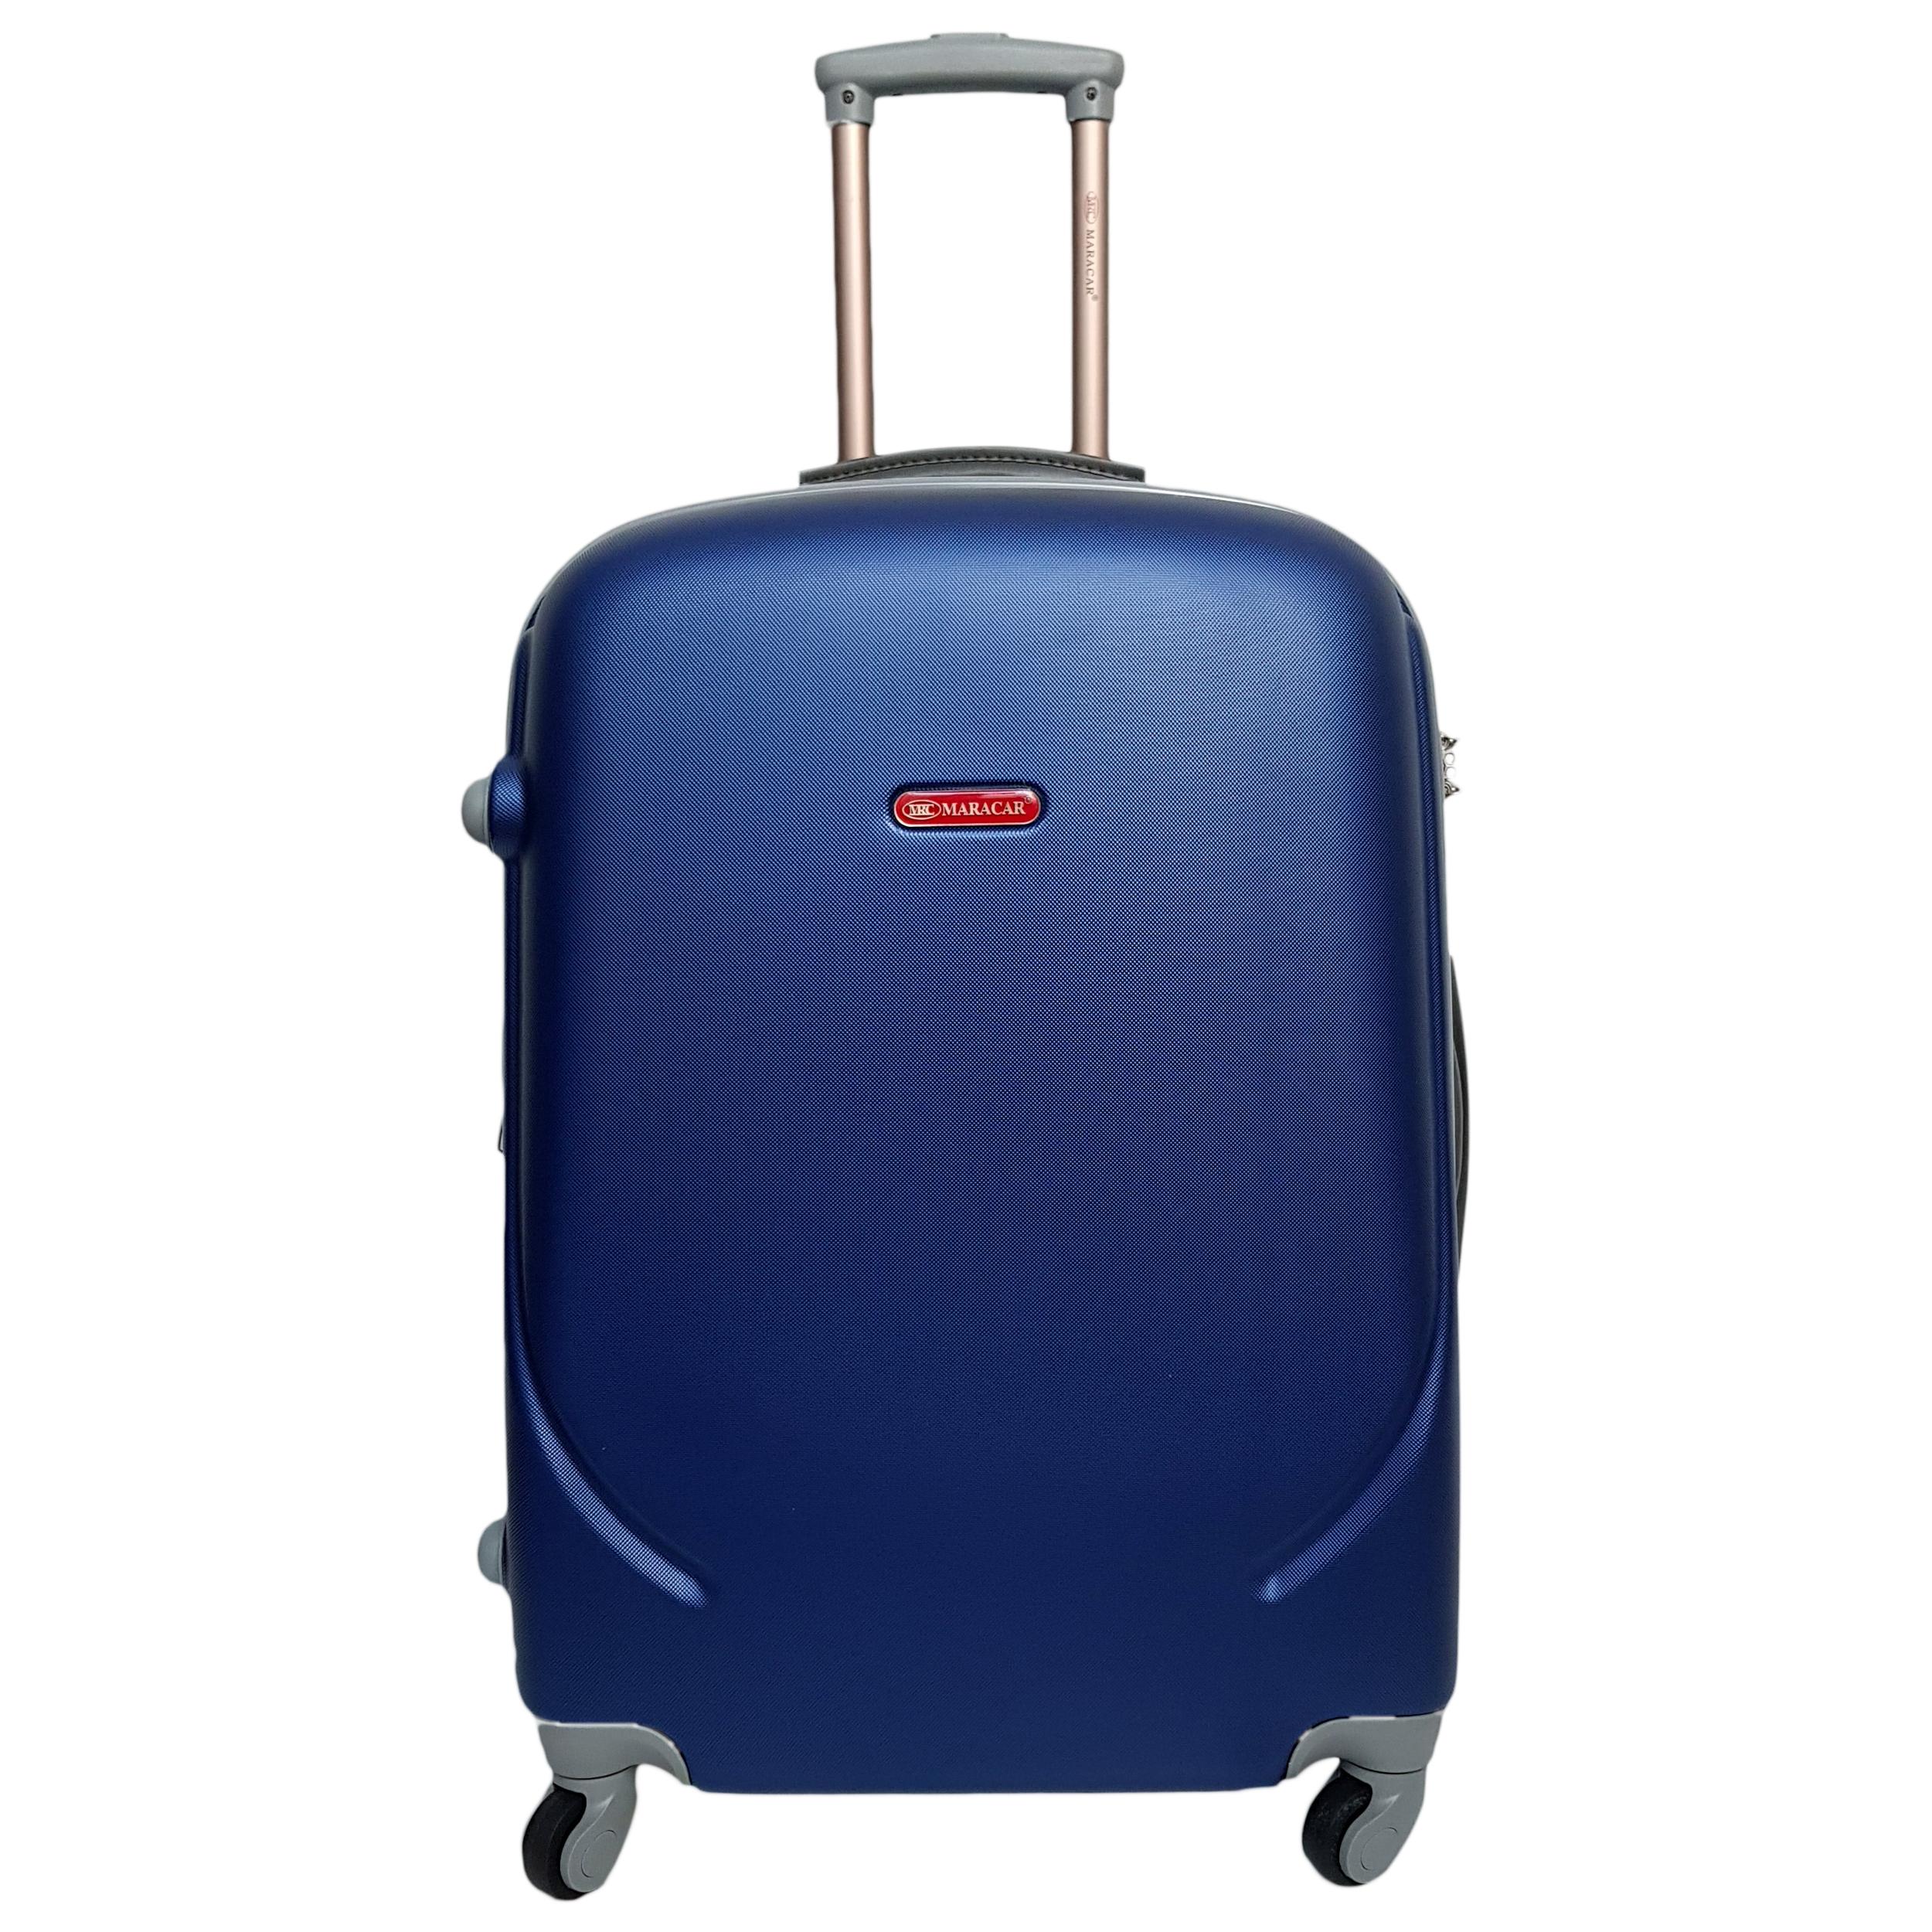 چمدان ماراکار مدل MRC7-M  سایز متوسط